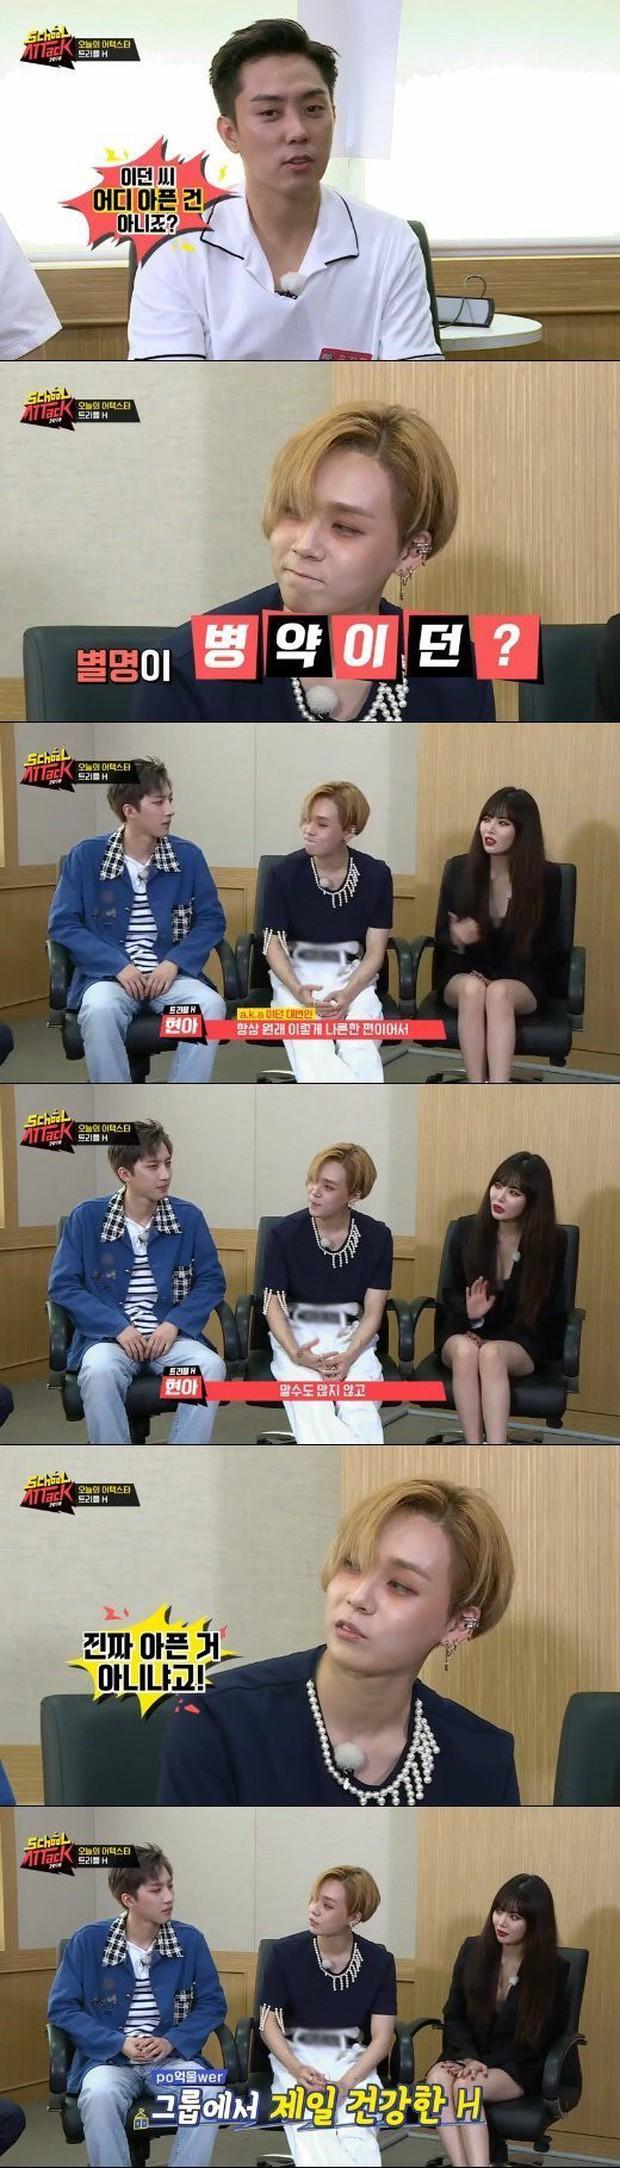 Hyuna đính chính khi bạn trai bị thắc mắc về vẻ bề ngoài trông như... đang bị bệnh - Ảnh 1.